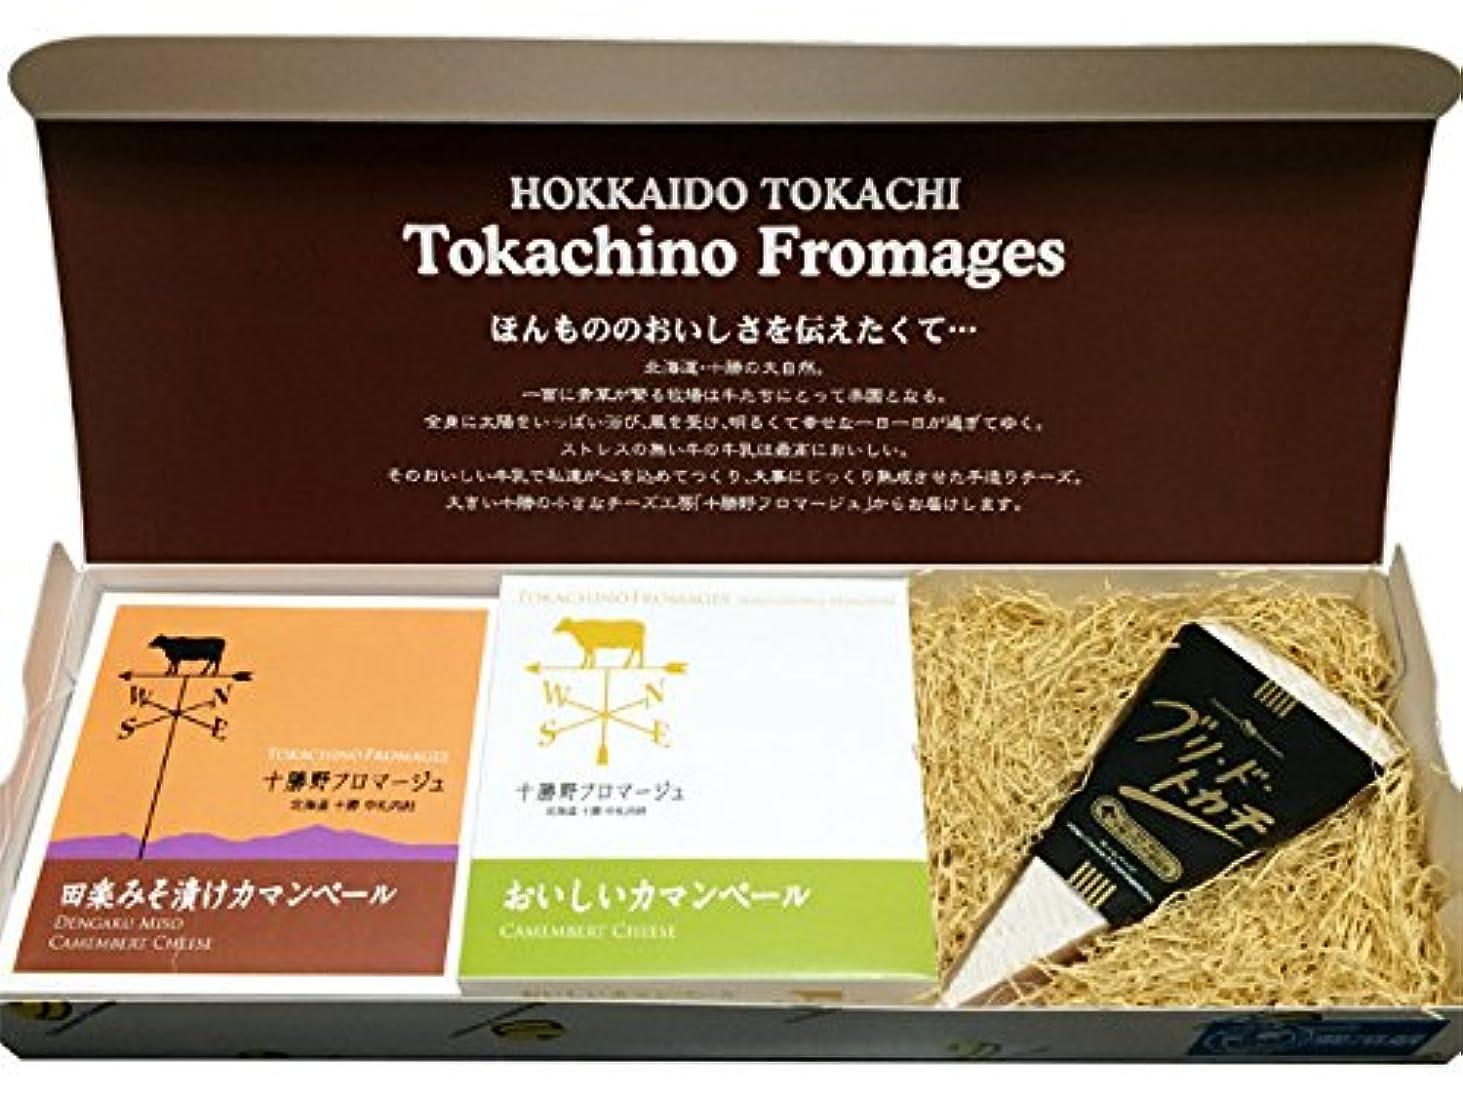 雨のすべて持続的【北海道のチーズ】厳選ギフト チーズ3点セット【産地フロマージュ】